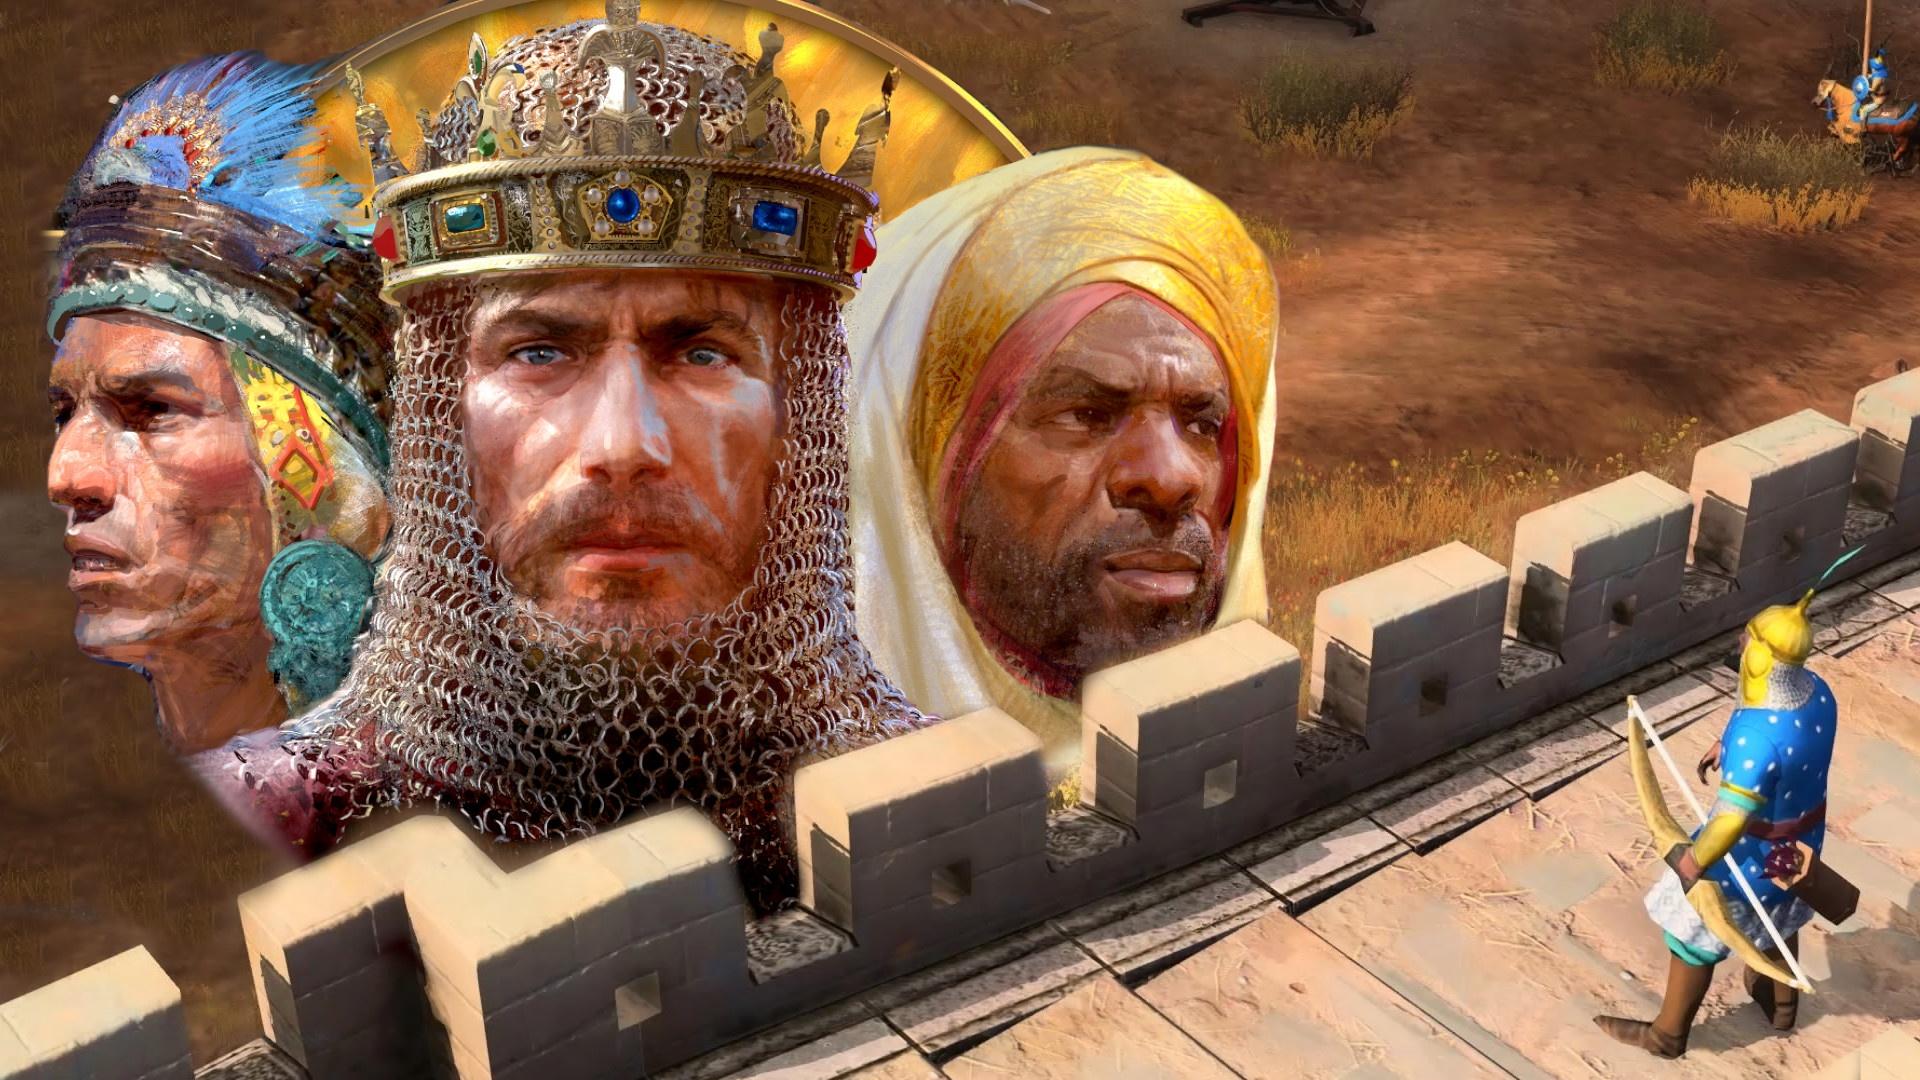 Welche Fraktionen braucht Age of Empires 4 unbedingt?